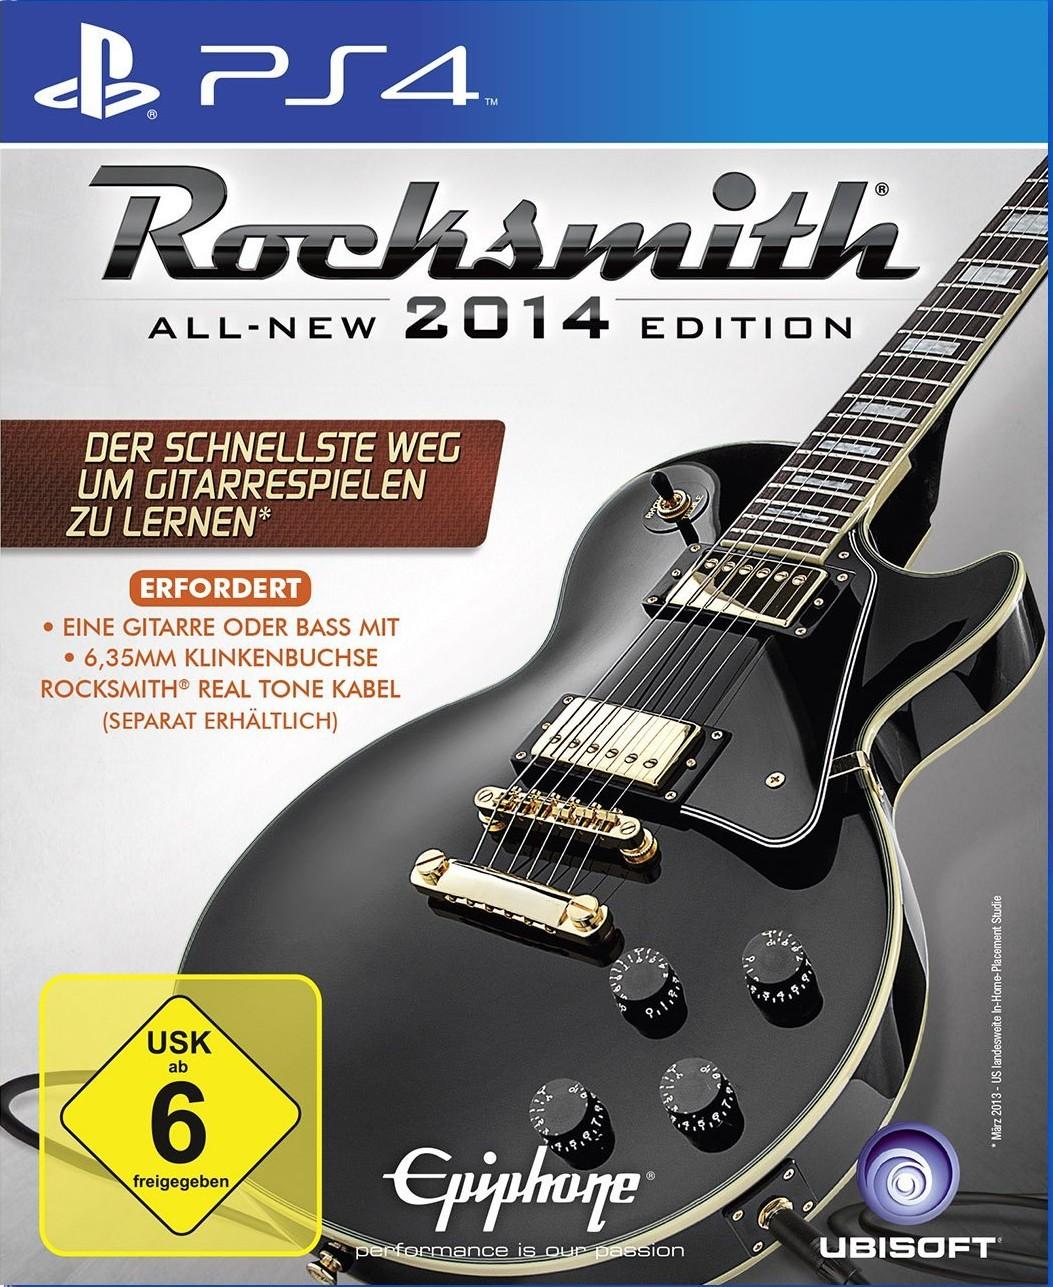 Rocksmith ALL-NEW 2014 EDITION - zum Schließen ins Bild klicken